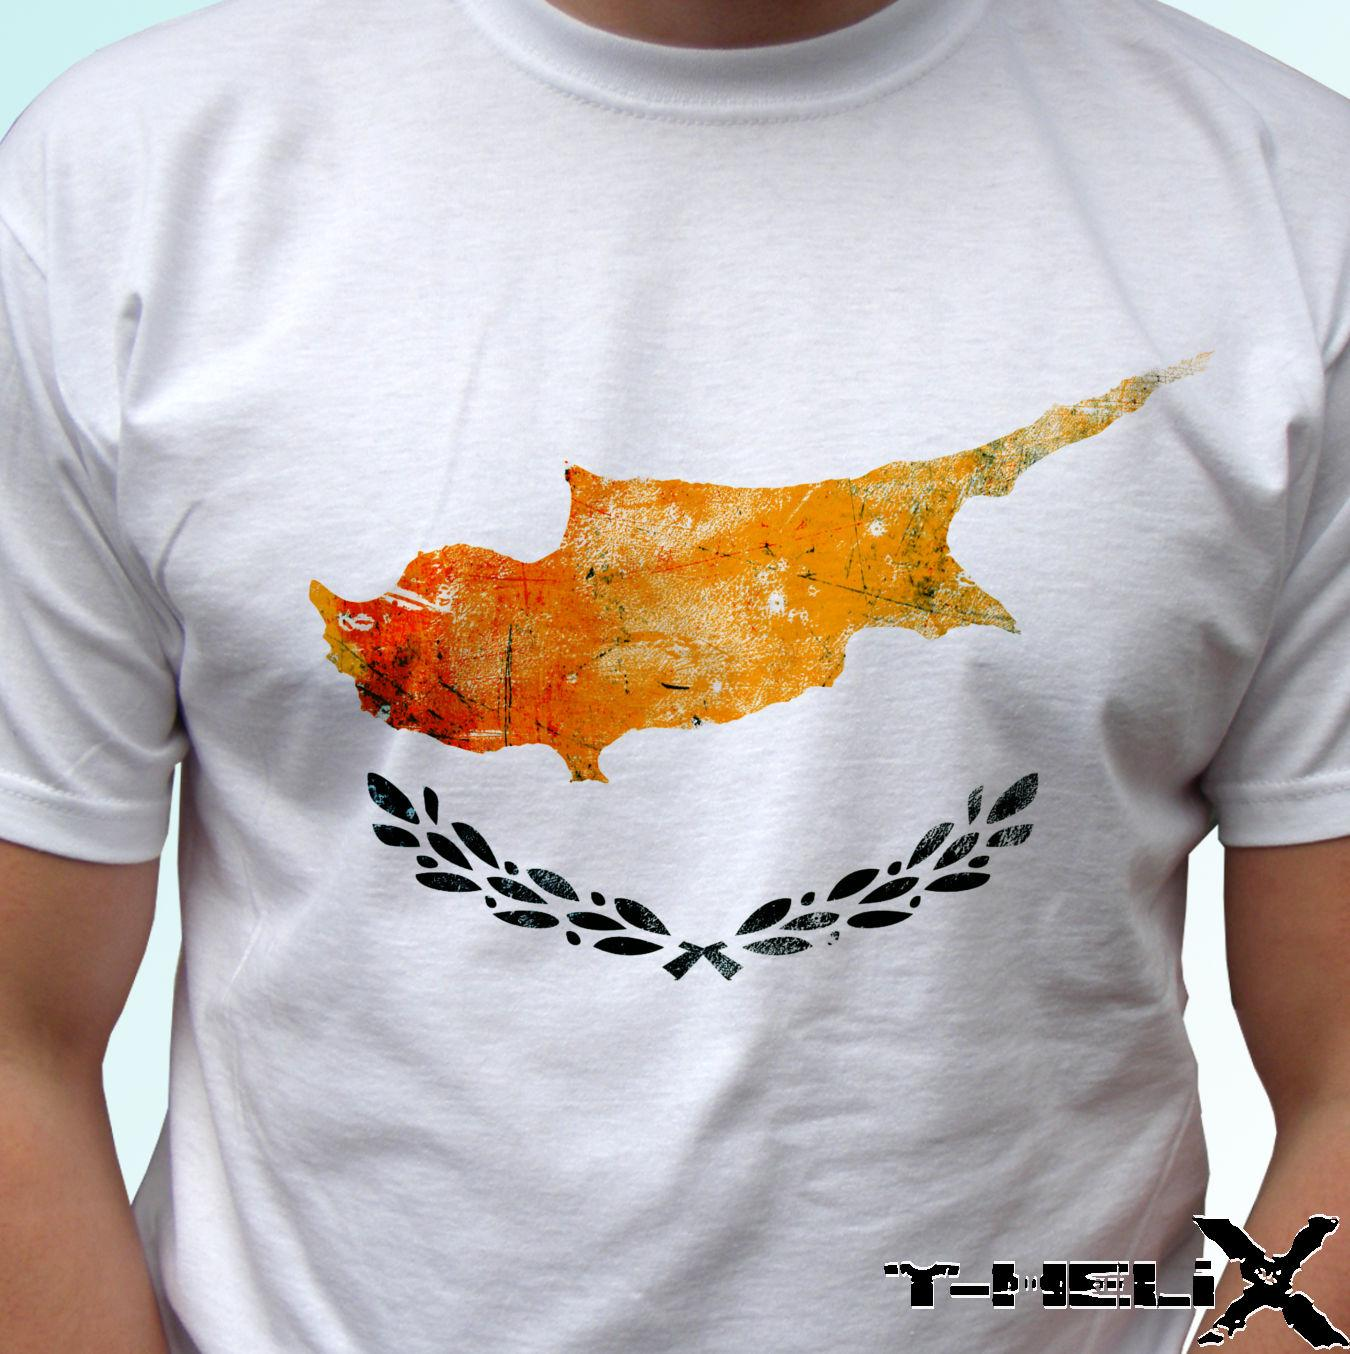 Drapeau de la Chypre - t-shirt blanc haut pays conception Style Style Tshirt Style Rond Tees Personnalisé Jersey